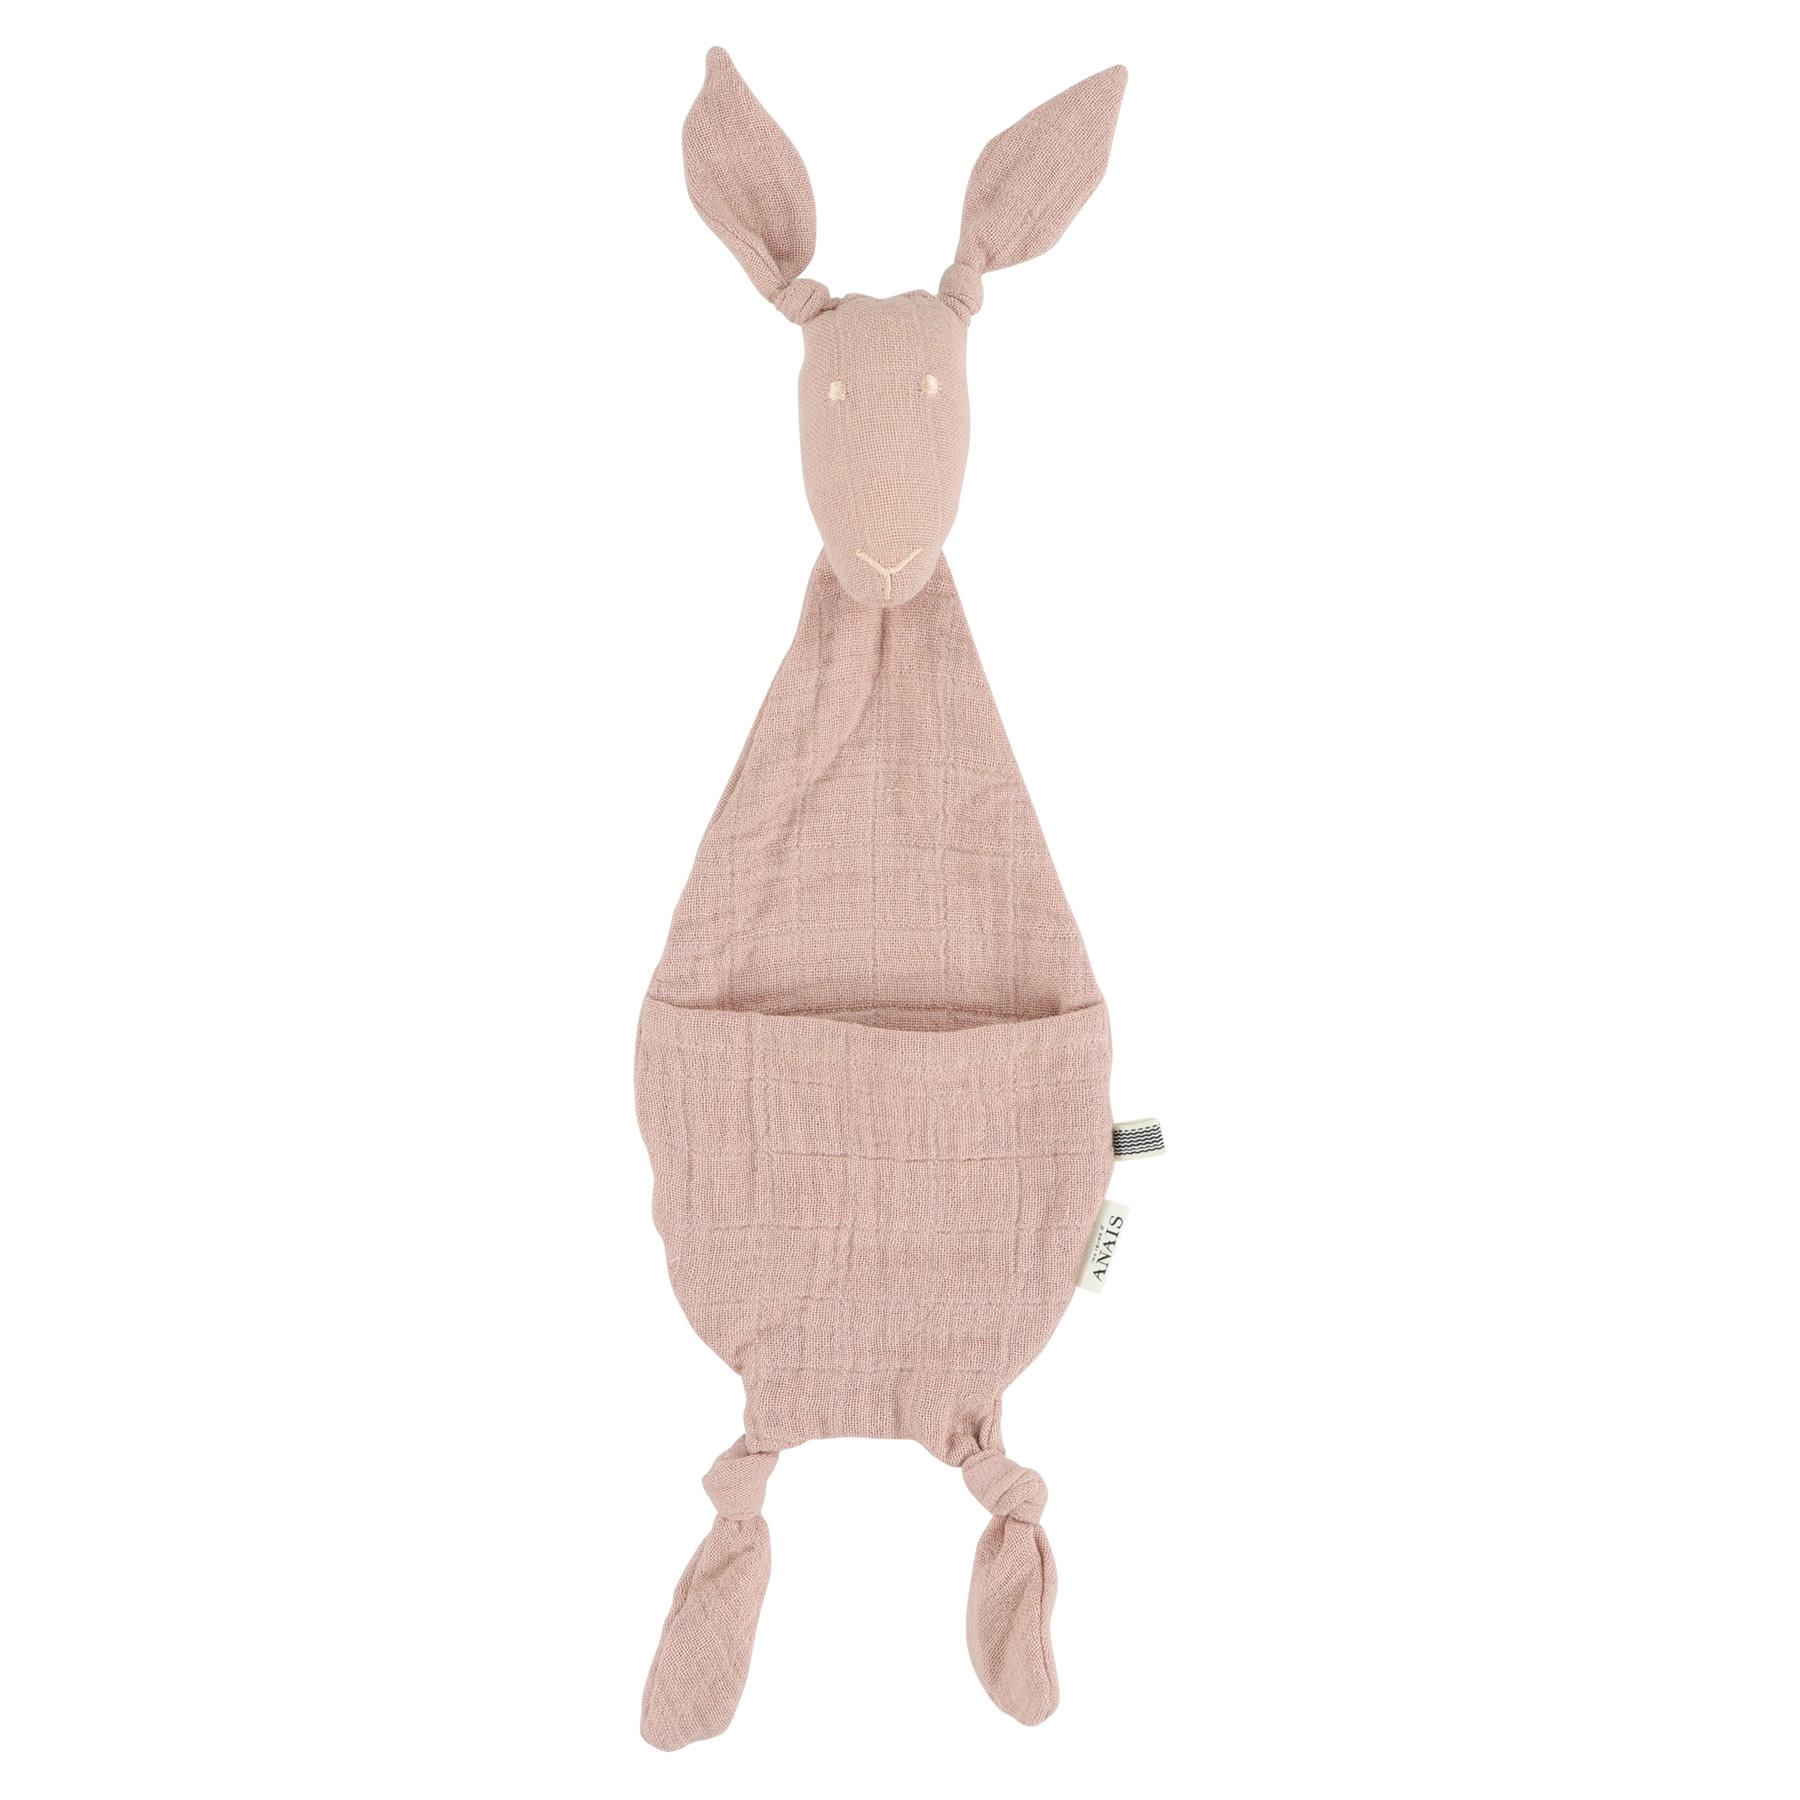 Fopspeendoekje kangoeroe bliss rose-1